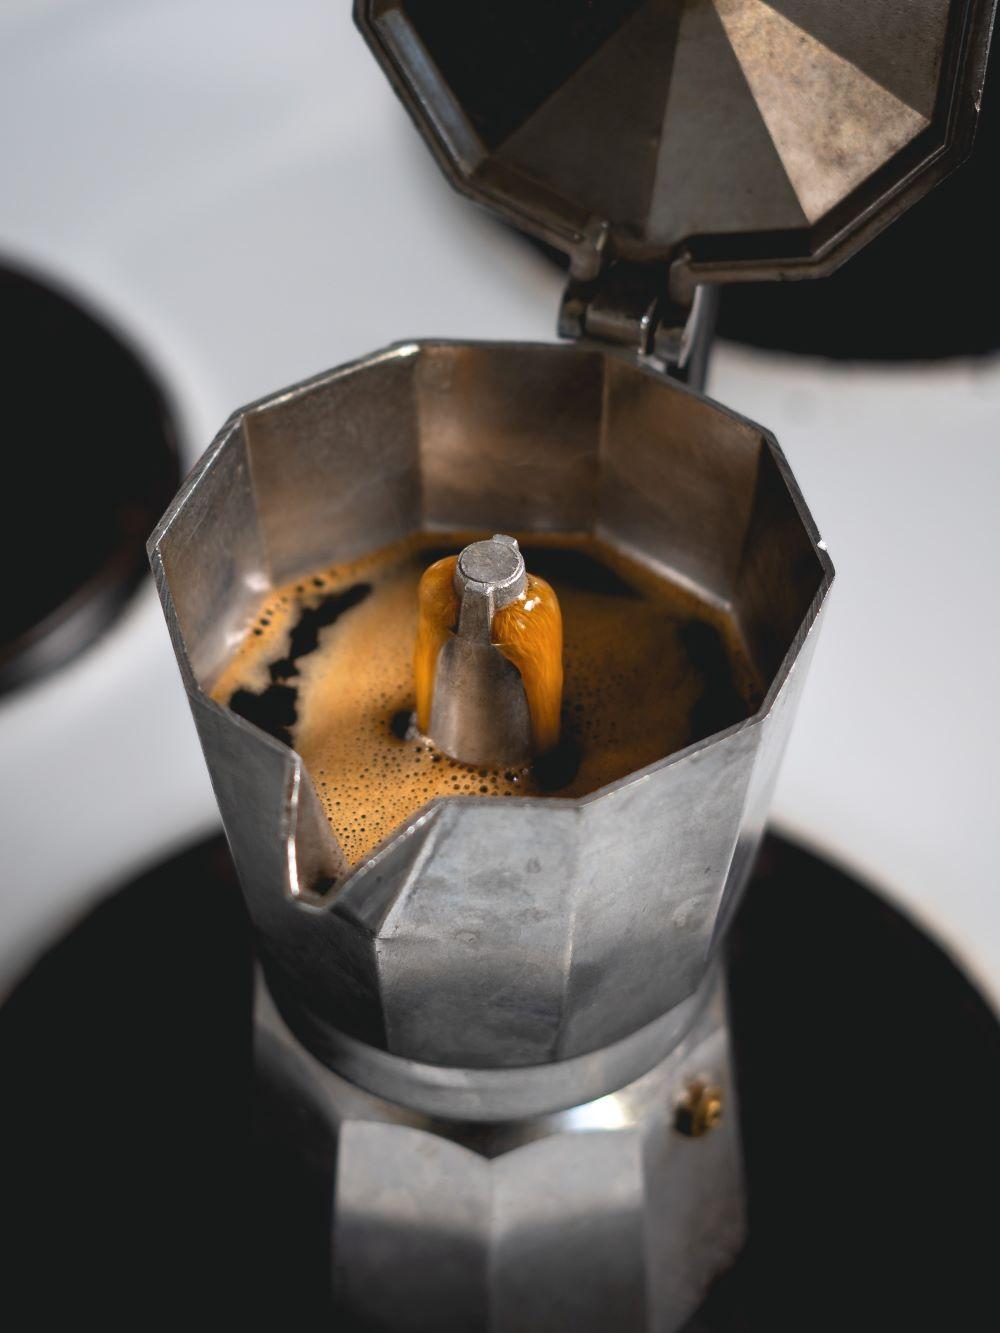 Espressokocher auf der Herdplatte